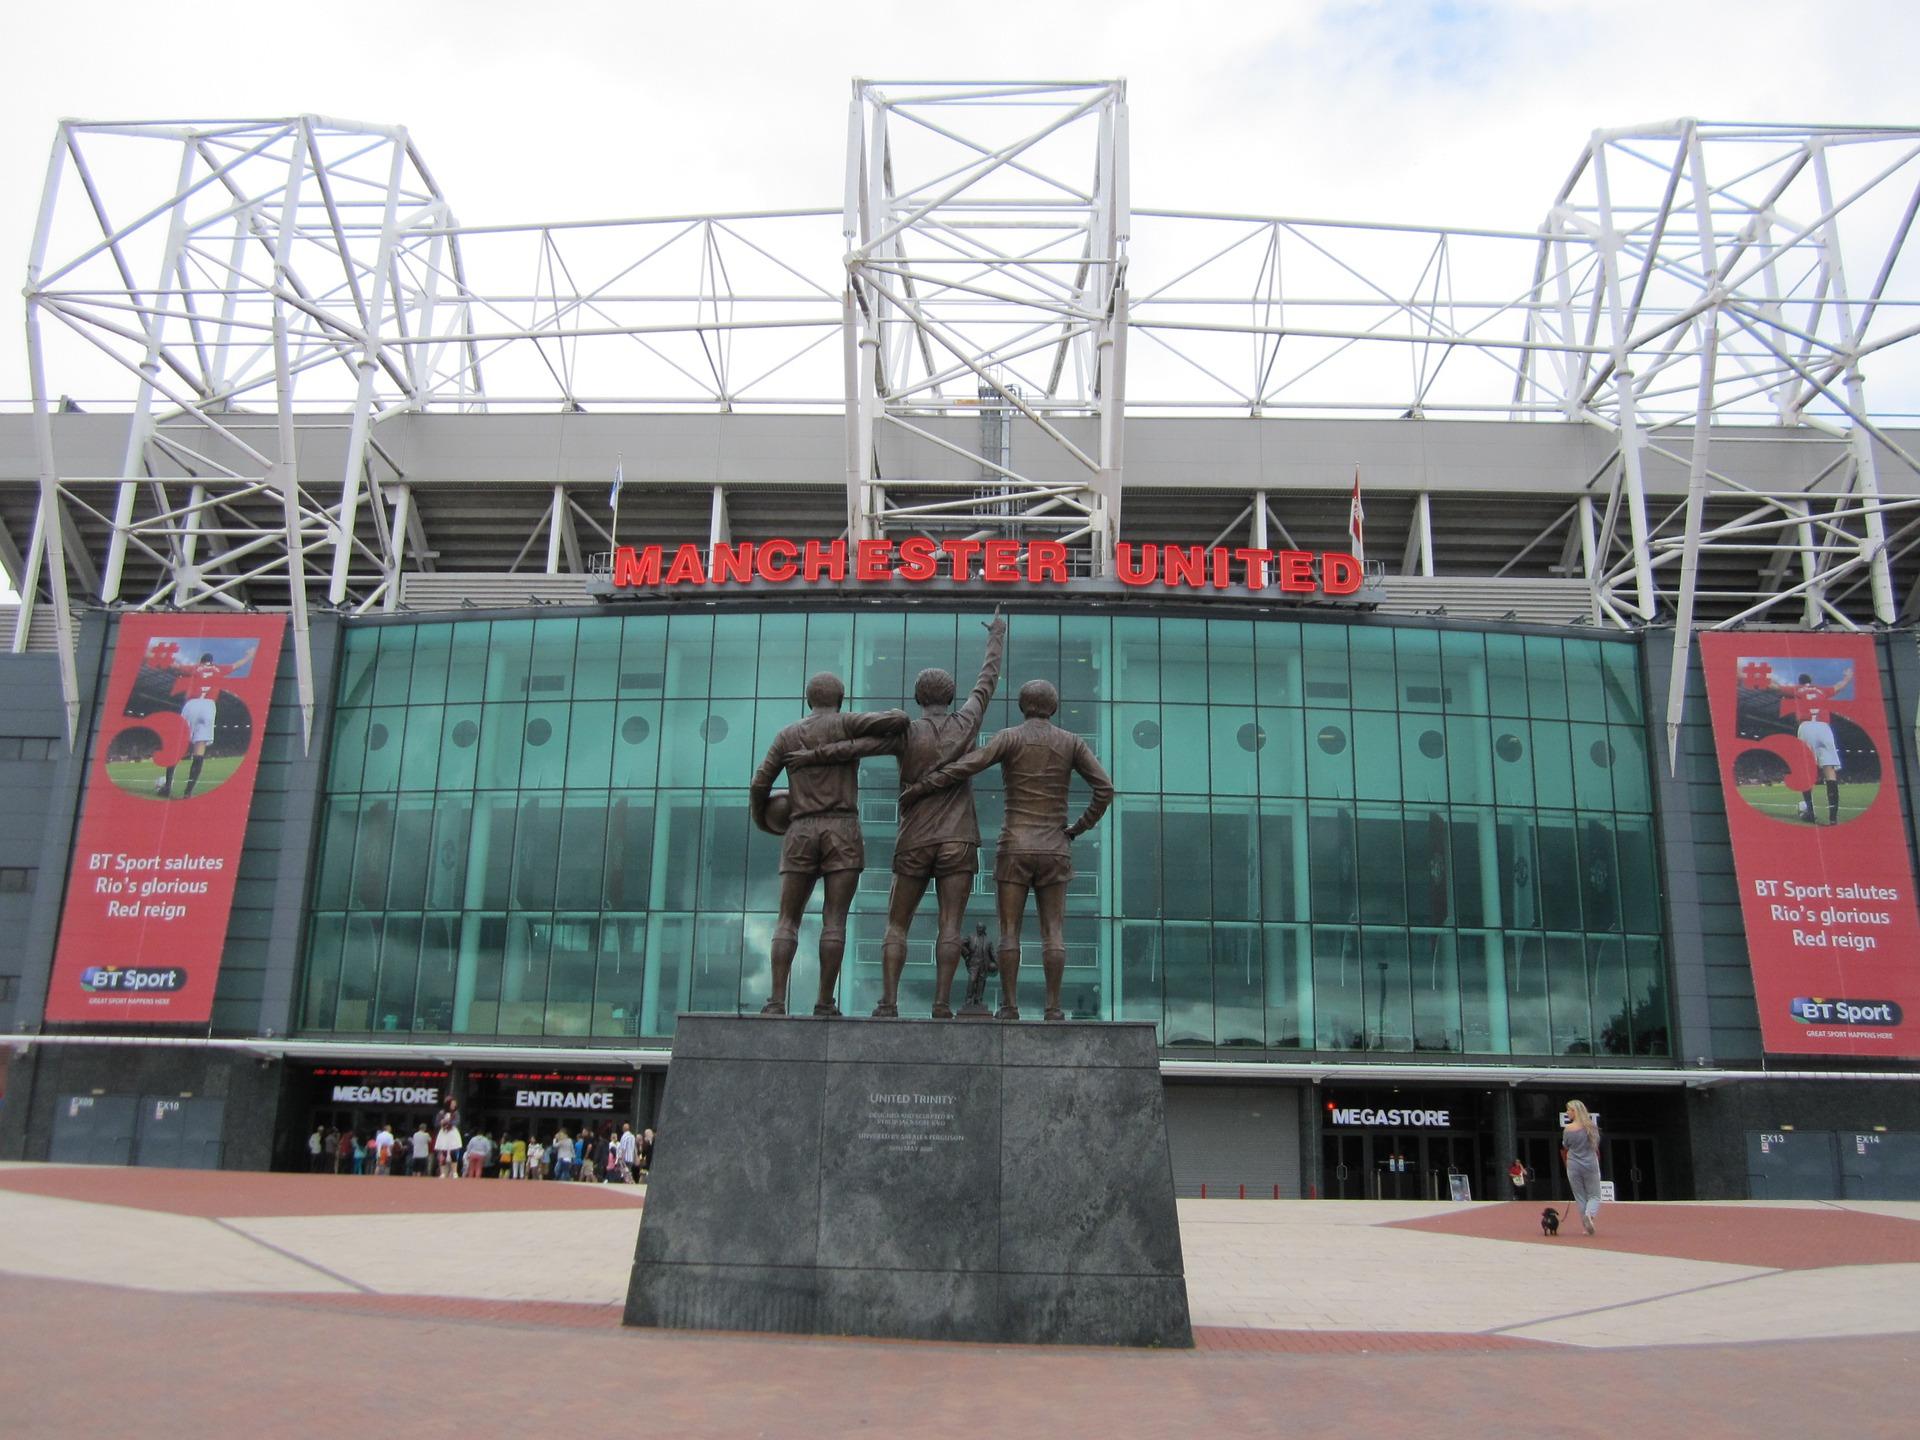 Entrada do estádio de Old Trafford, com a estátua dos jogadores George Best, Denis Law e Sir Bobby Charlton